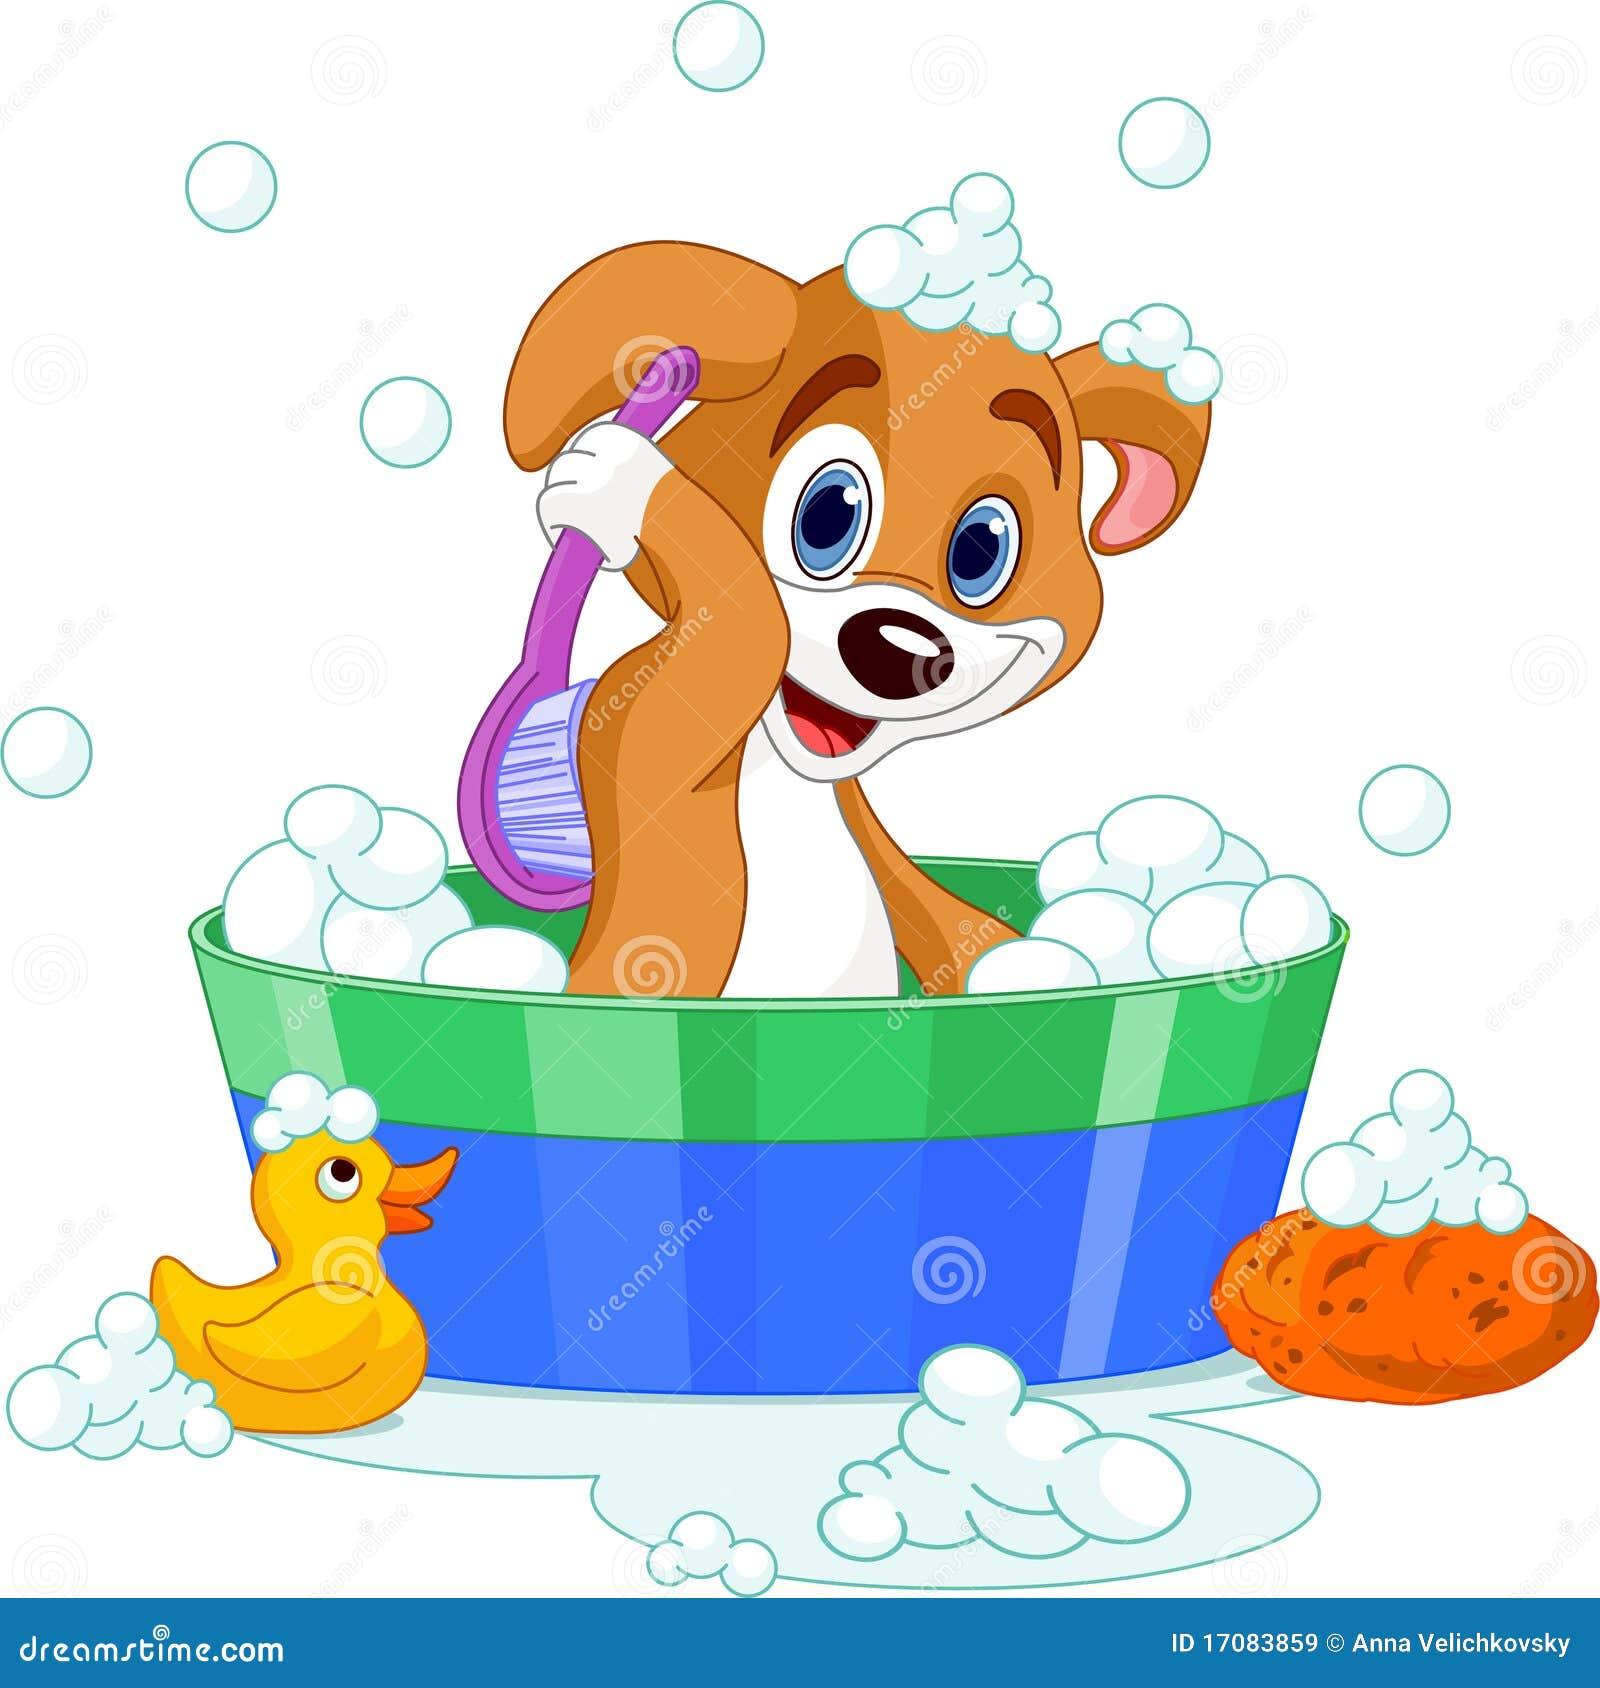 Dog having a bath